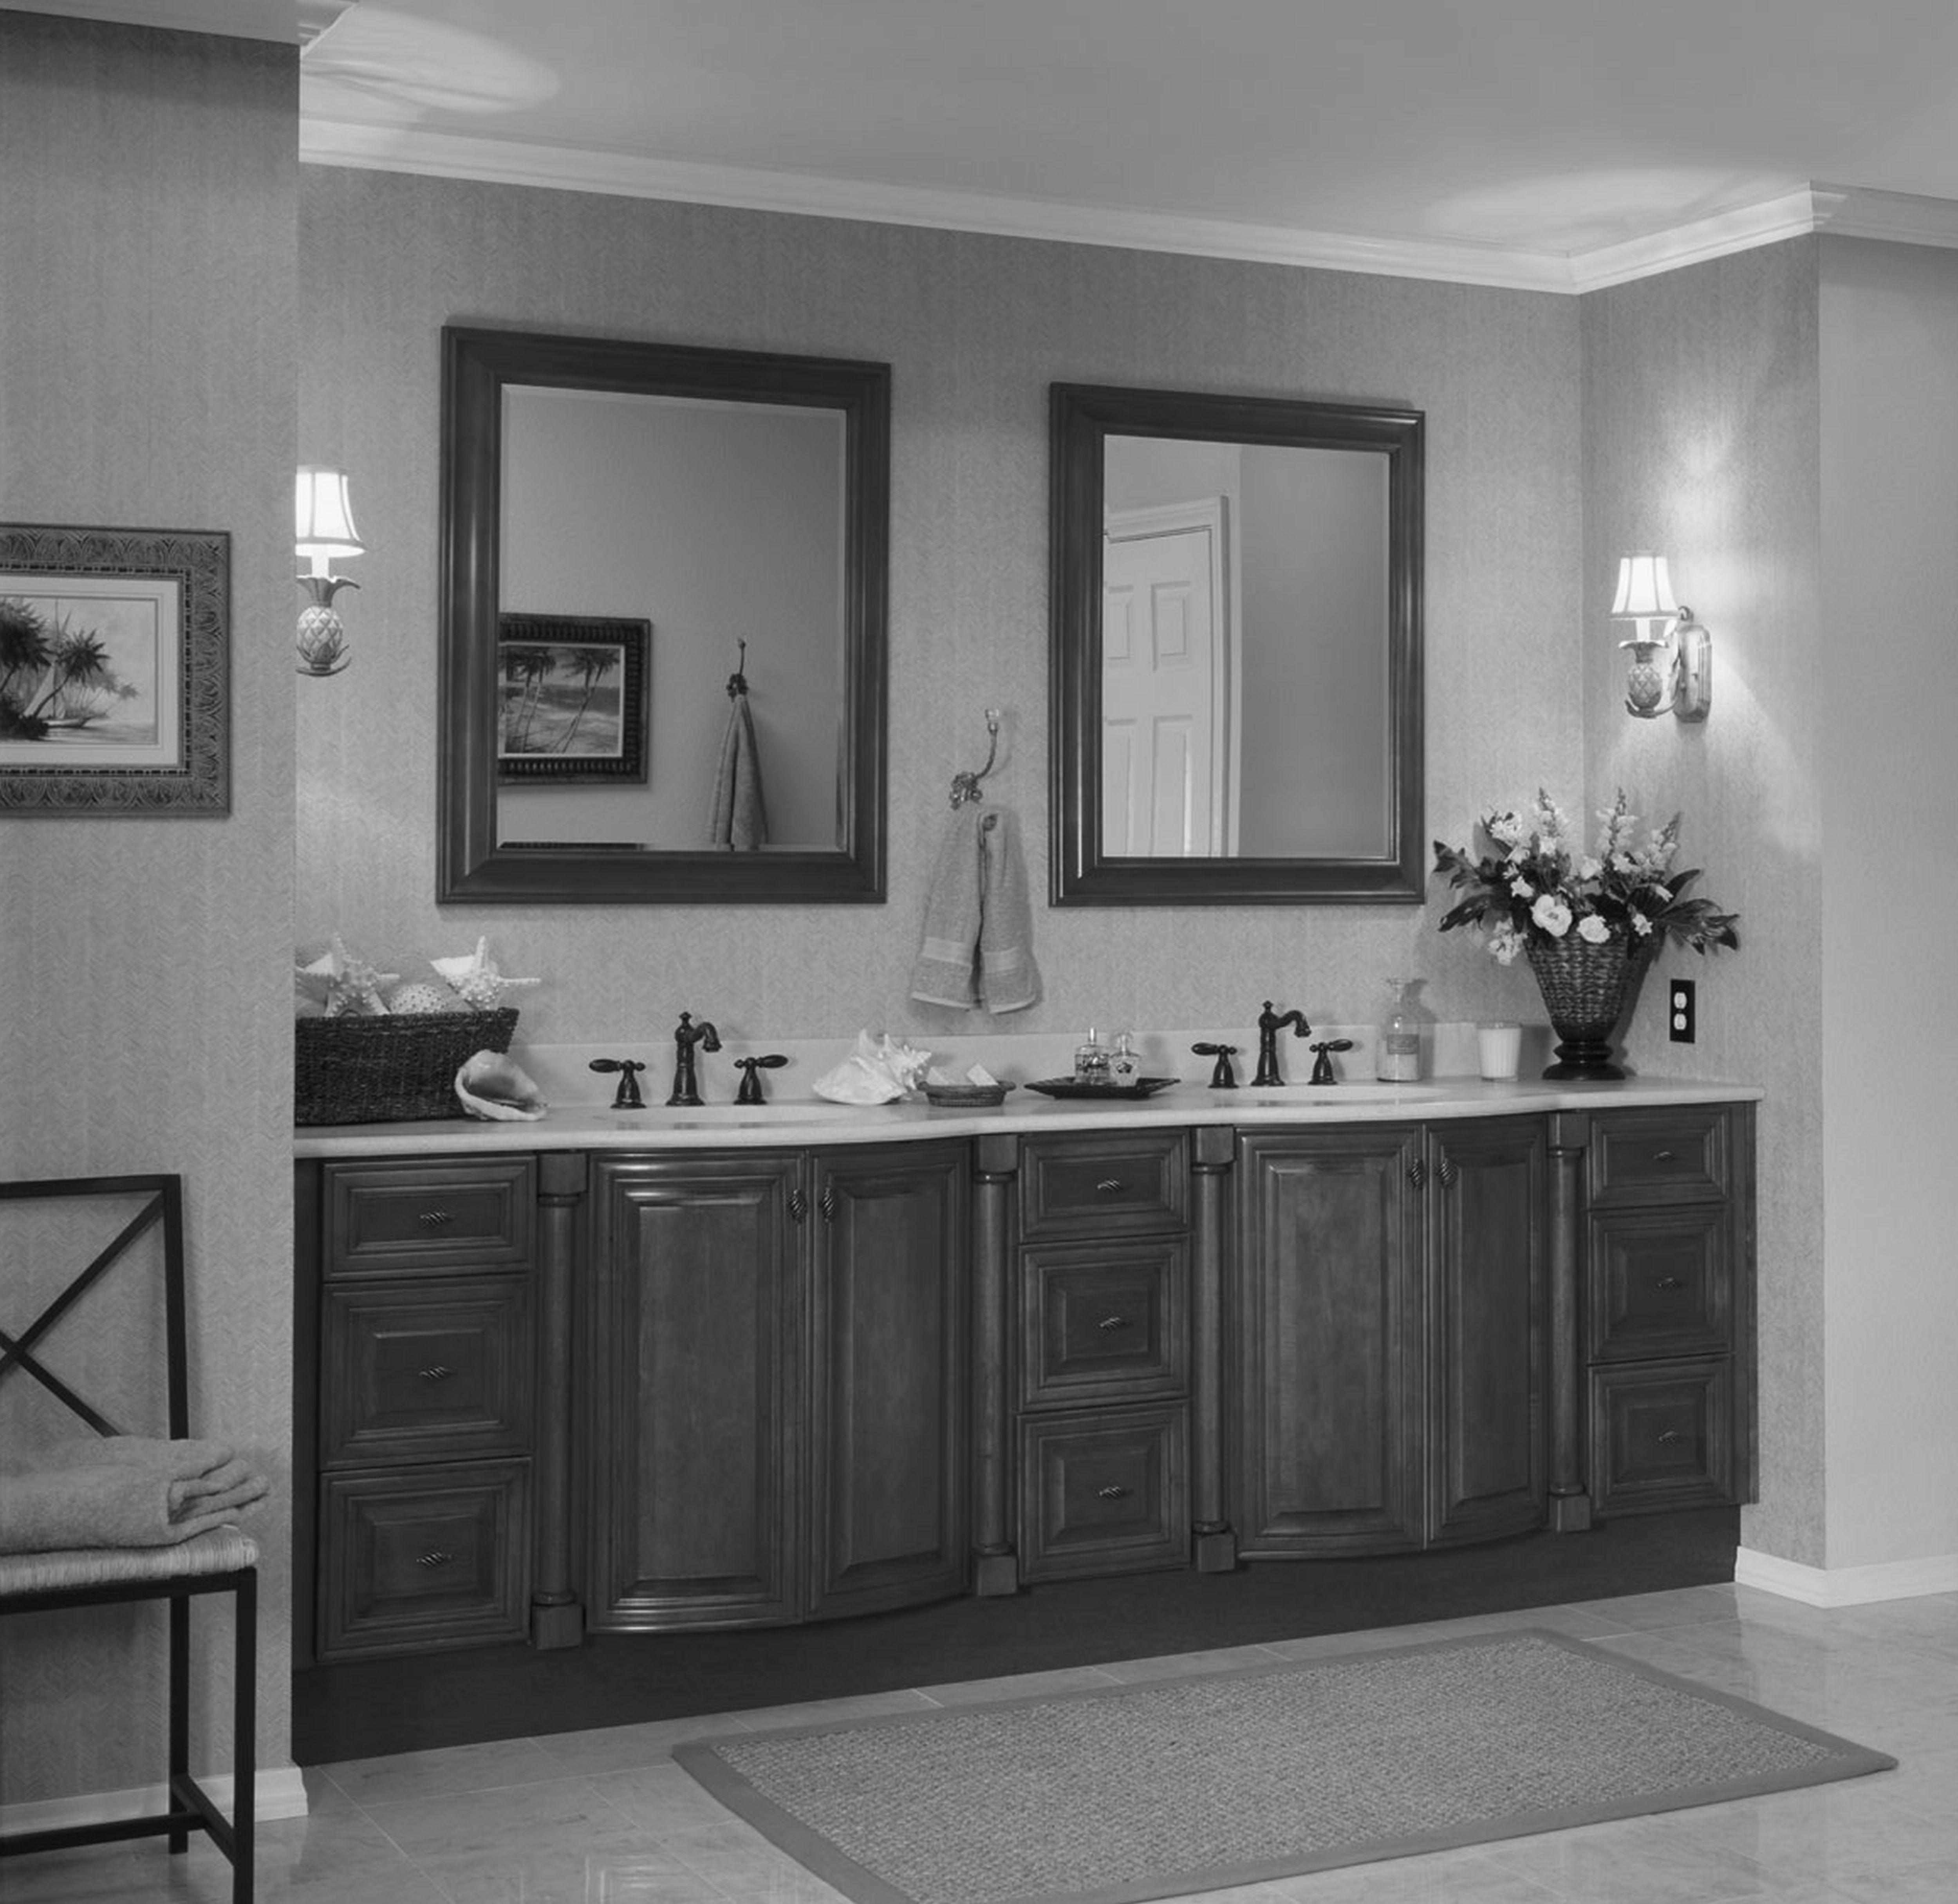 finest bathroom vanities online picture-Elegant Bathroom Vanities Online Image